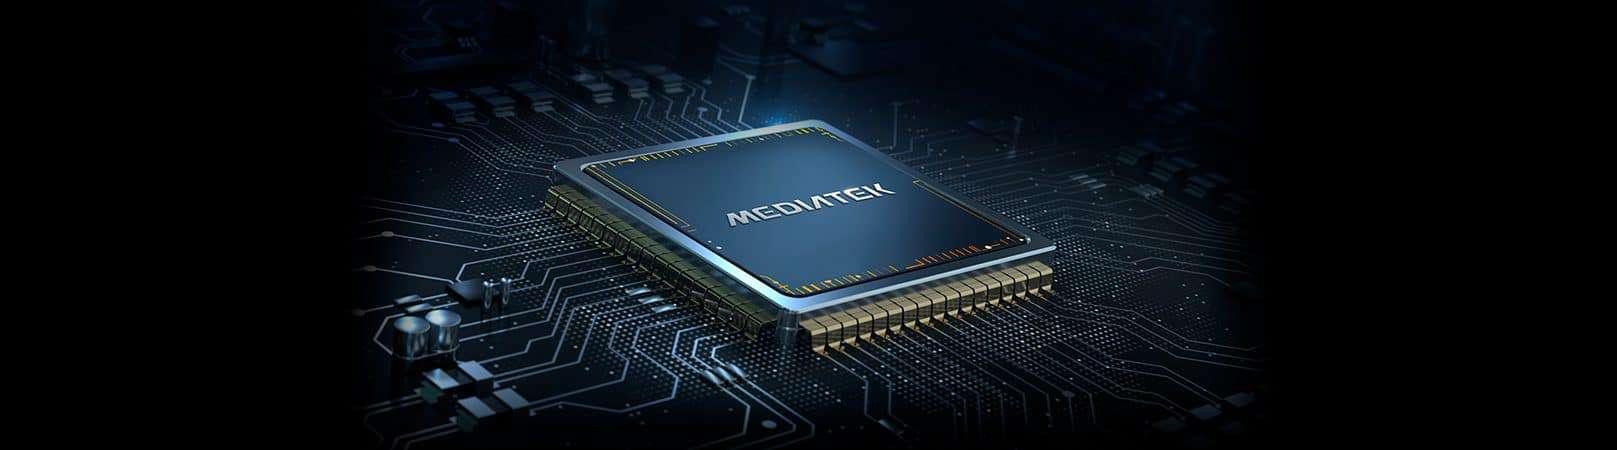 Novo processador Dimensity 2000 da MediaTek promete superar Snapdragon 888